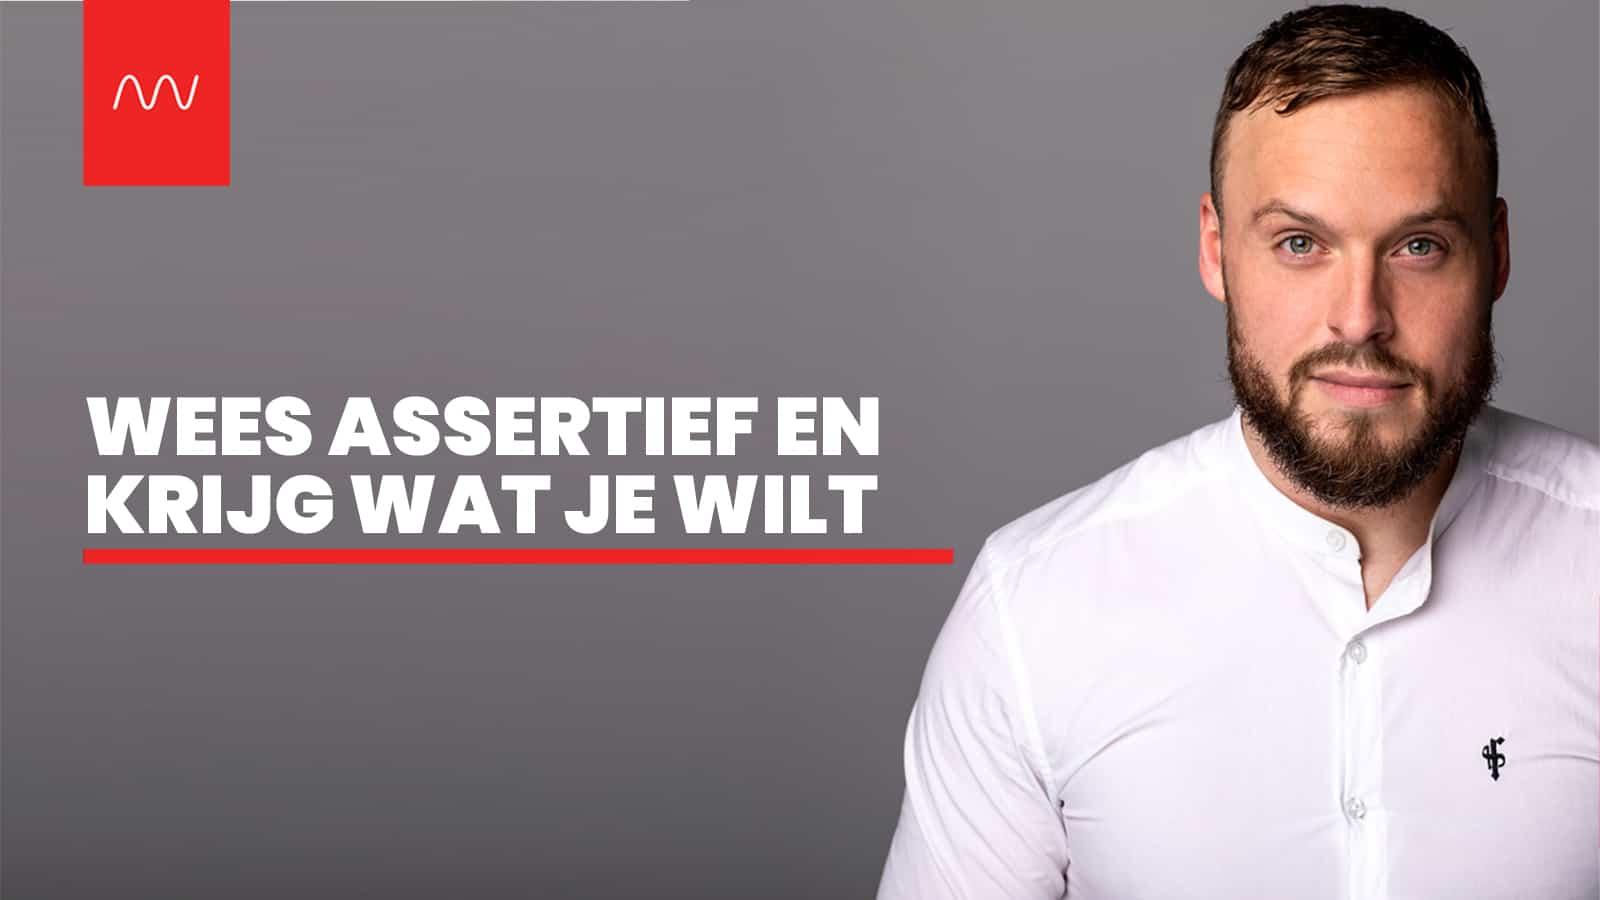 Wees assertief en krijg wat je wilt